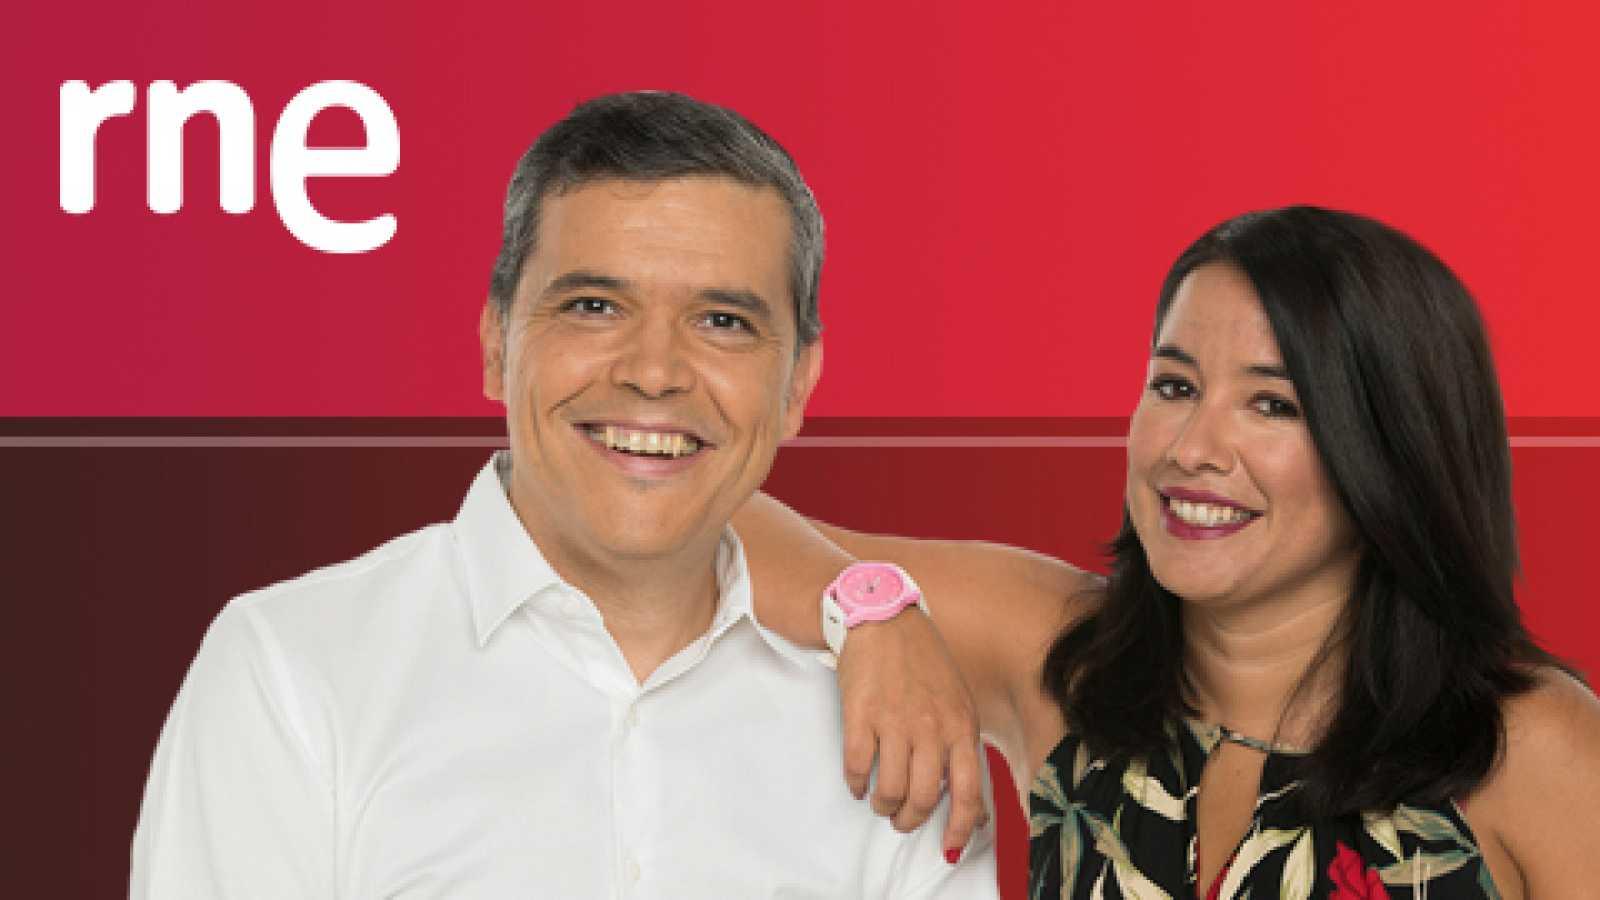 Las mañanas de RNE con Alfredo Menéndez - Tercera hora - 16/05/19 - Escuchar ahora